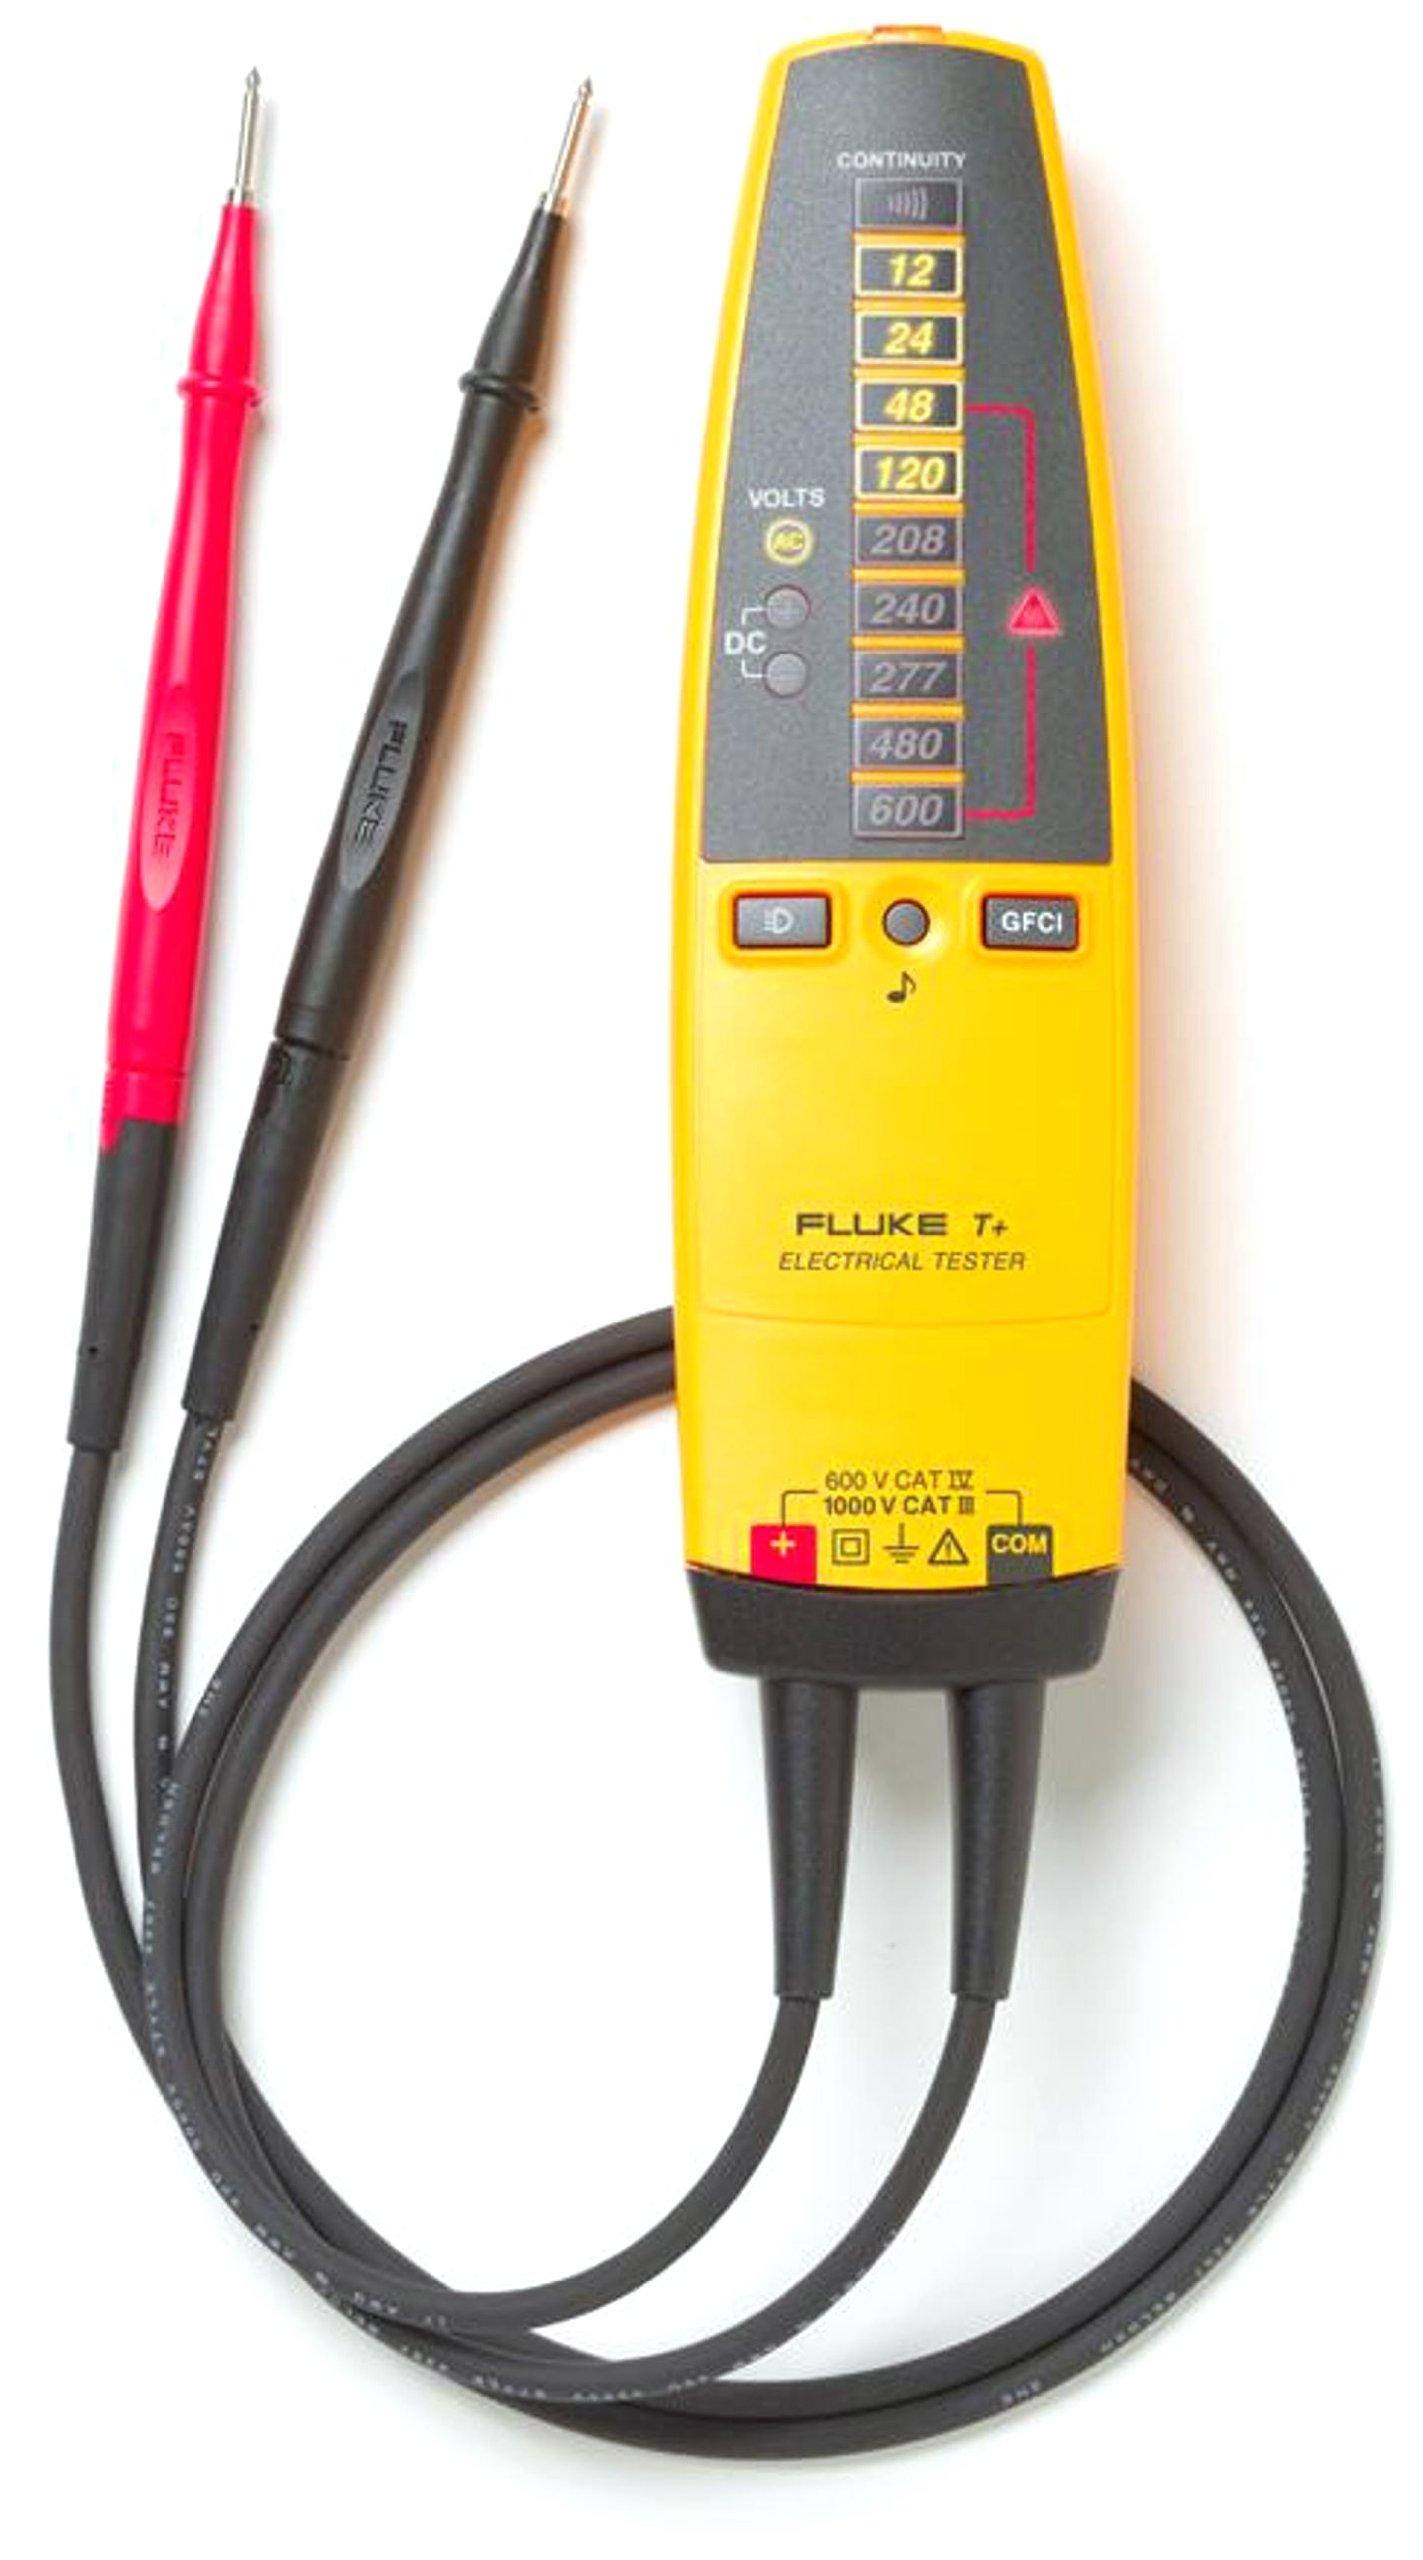 Fluke T+ Electrical Tester